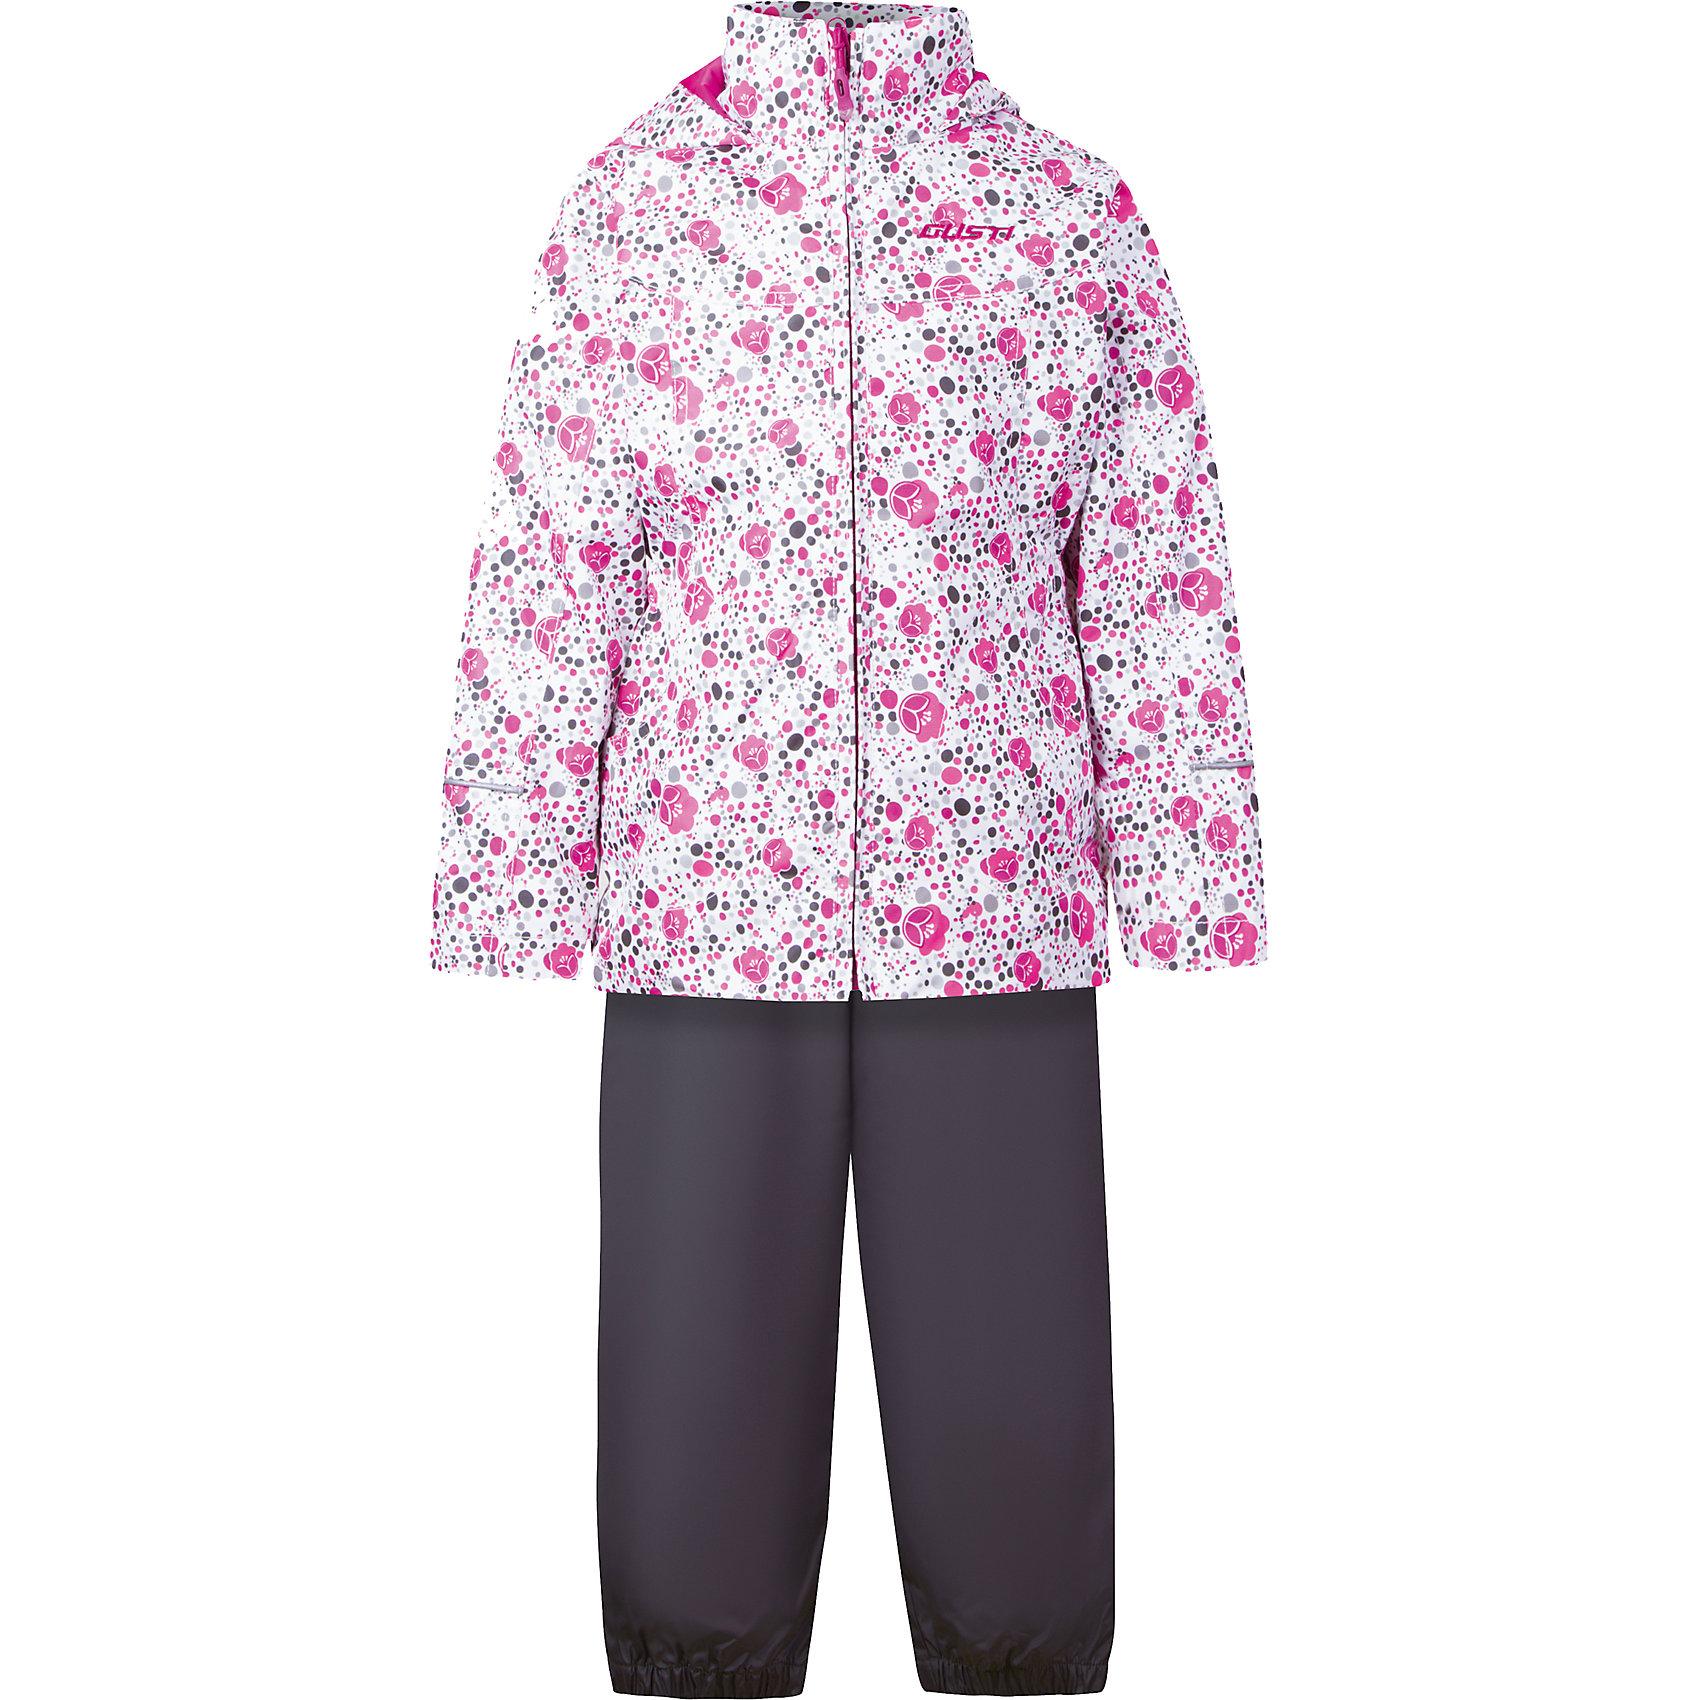 Комплект: куртка, толстовка и брюки для девочки GustiКомплект: куртка, толстовка и брюки для девочки от известного бренда Gusti.<br>Ткань верха куртки– Таслан ( Taslan )- мембрана с коэффициентом водонепроницаемости 2000 мм и коэффициентом паропроницаемости 2000 г/м2, одежда ветронепродуваемая. Благодаря тонкому полиуретановому напылению изнутри не промокает даже при сильной влаге, но при этом дышит (защита от влаги не препятствует циркуляции воздуха). Плотность ткани Т190 обеспечивает высокую износостойкость. Толстовка – высокотехнологичный флис COOLQUICK. Специальное кручение нитей позволяет ткани максимально впитывать влагу и увеличивать испаряемость с поверхности, т.е. выпустить пар, но не пропускает влагу снаружи, что обеспечивает комфорт даже при высоких физических нагрузках. Этот материал ранее был разработан специально для спортсменов, которые испытывали сильные нагрузки во время активного движения, а теперь принес комфорт и тепло в нашу повседневную жизнь.  Это особенно важно для детей, когда они гуляют на свежем воздухе , чтобы тело всегда оставалось сухим и теплым. Брюки - ткань верха: Таслан ( Taslan )- мембрана с коэффициентом водонепроницаемости 2000 мм и коэффициентом паропроницаемости 2000 г/м2, одежда ветронепродуваемая. Благодаря тонкому полиуретановому напылению изнутри не промокает даже при сильной влаге, но при этом дышит (защита от влаги не препятствует циркуляции воздуха). Плотность ткани Т190 обеспечивает высокую износостойкость. Подкладка 100%  х/б.<br>Состав:<br>Куртка: 100% полиэстер.  Толстовка: 100% полиэстер.  Брюки: верх 100% полиэстер, подкладка 100% х/б.<br><br>Ширина мм: 356<br>Глубина мм: 10<br>Высота мм: 245<br>Вес г: 519<br>Цвет: белый<br>Возраст от месяцев: 12<br>Возраст до месяцев: 15<br>Пол: Женский<br>Возраст: Детский<br>Размер: 122,80,128,86,90,92,98,100,104,110,116,120<br>SKU: 5452451